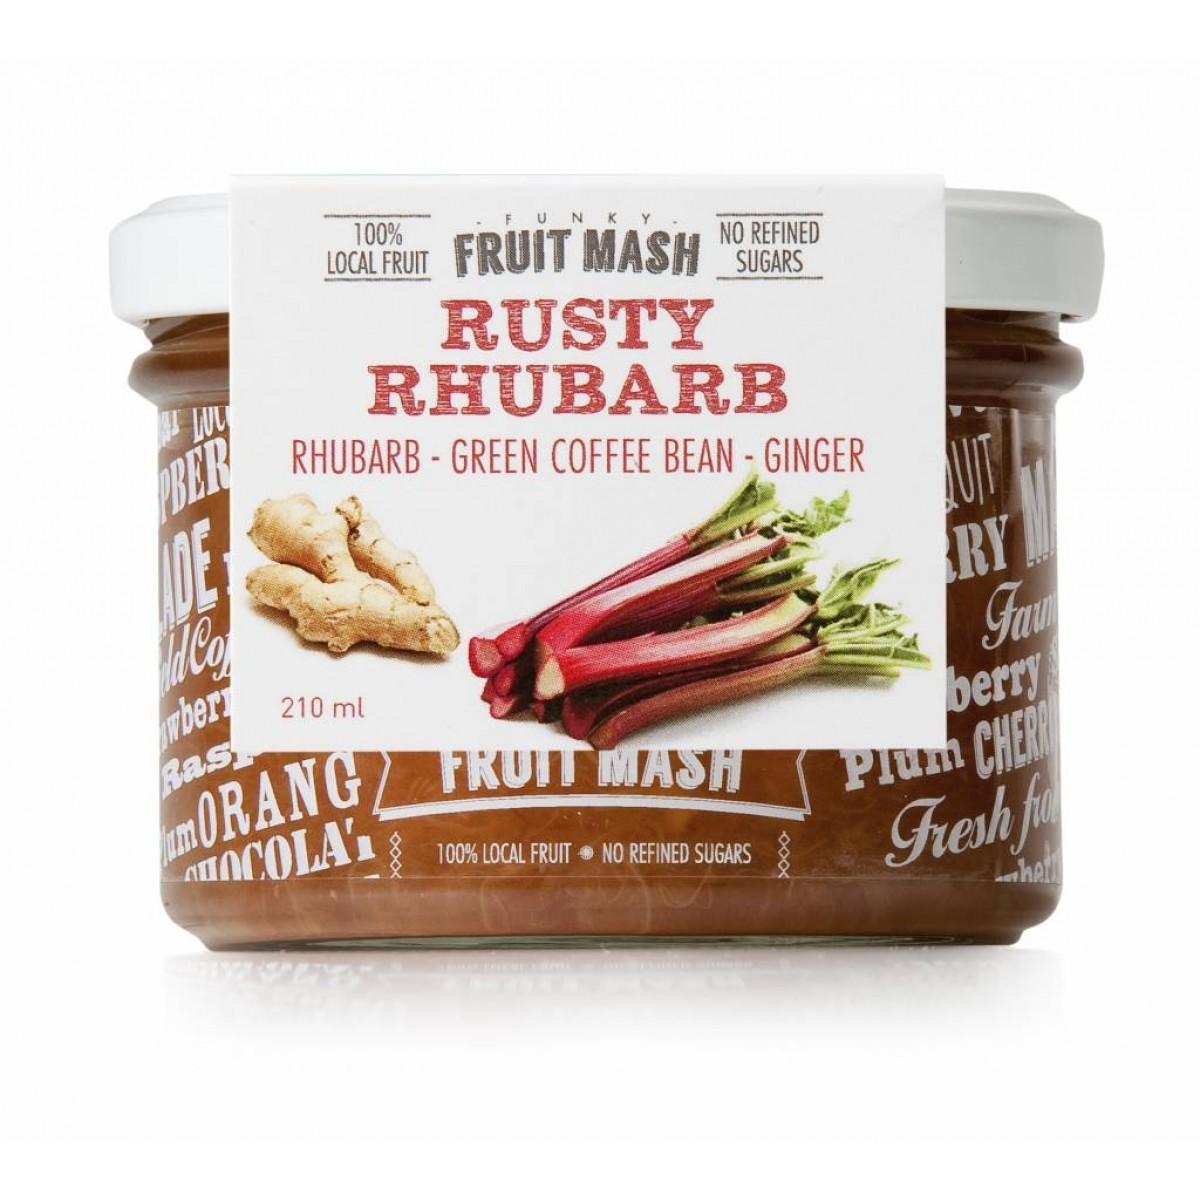 Funky Fruit Mash Rusty Rhubarb